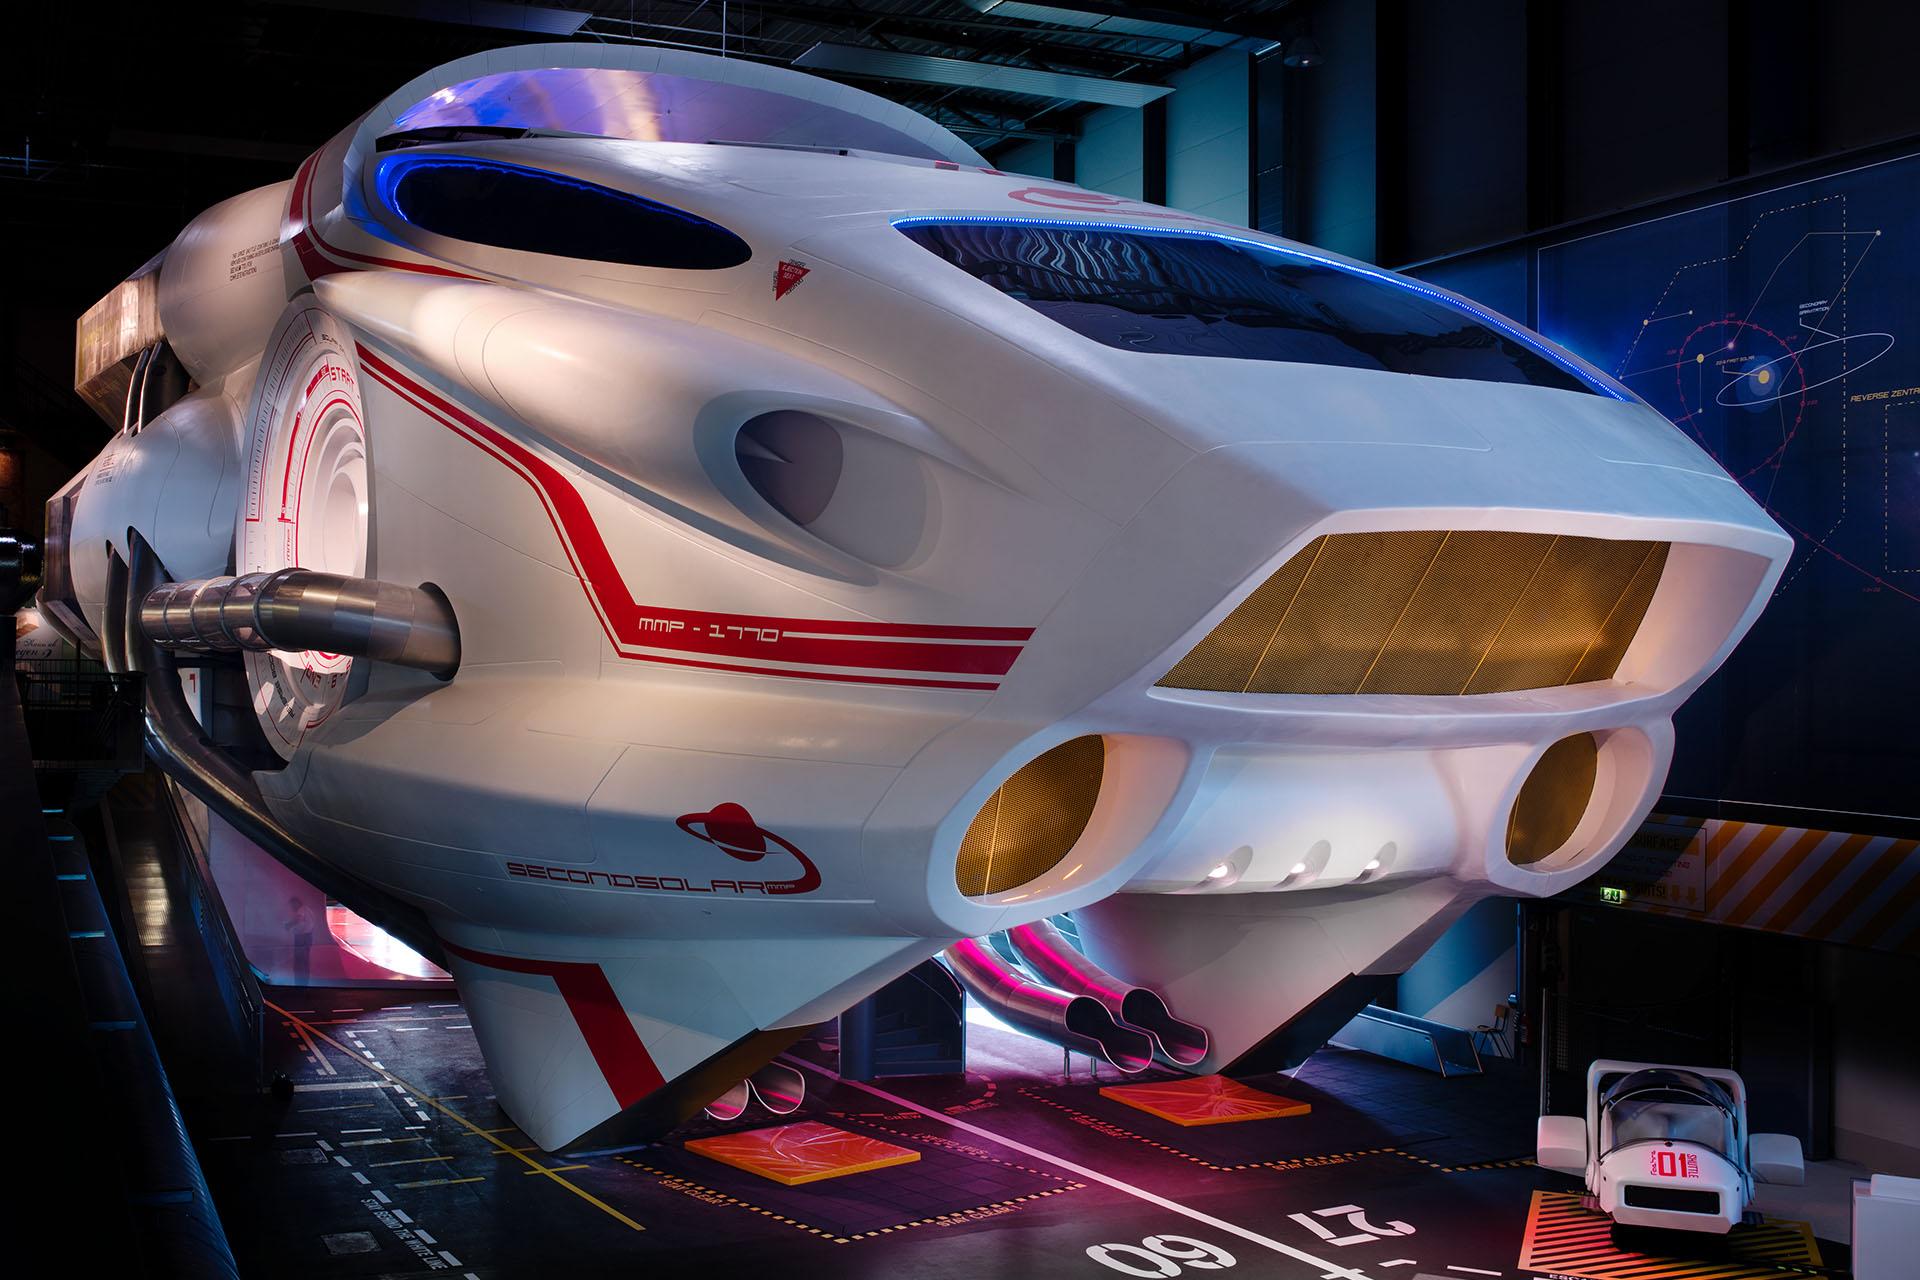 sensapolis-indoor-attraktionen-raumschiff-freizeitpark-stuttgart-sindelfingen-3